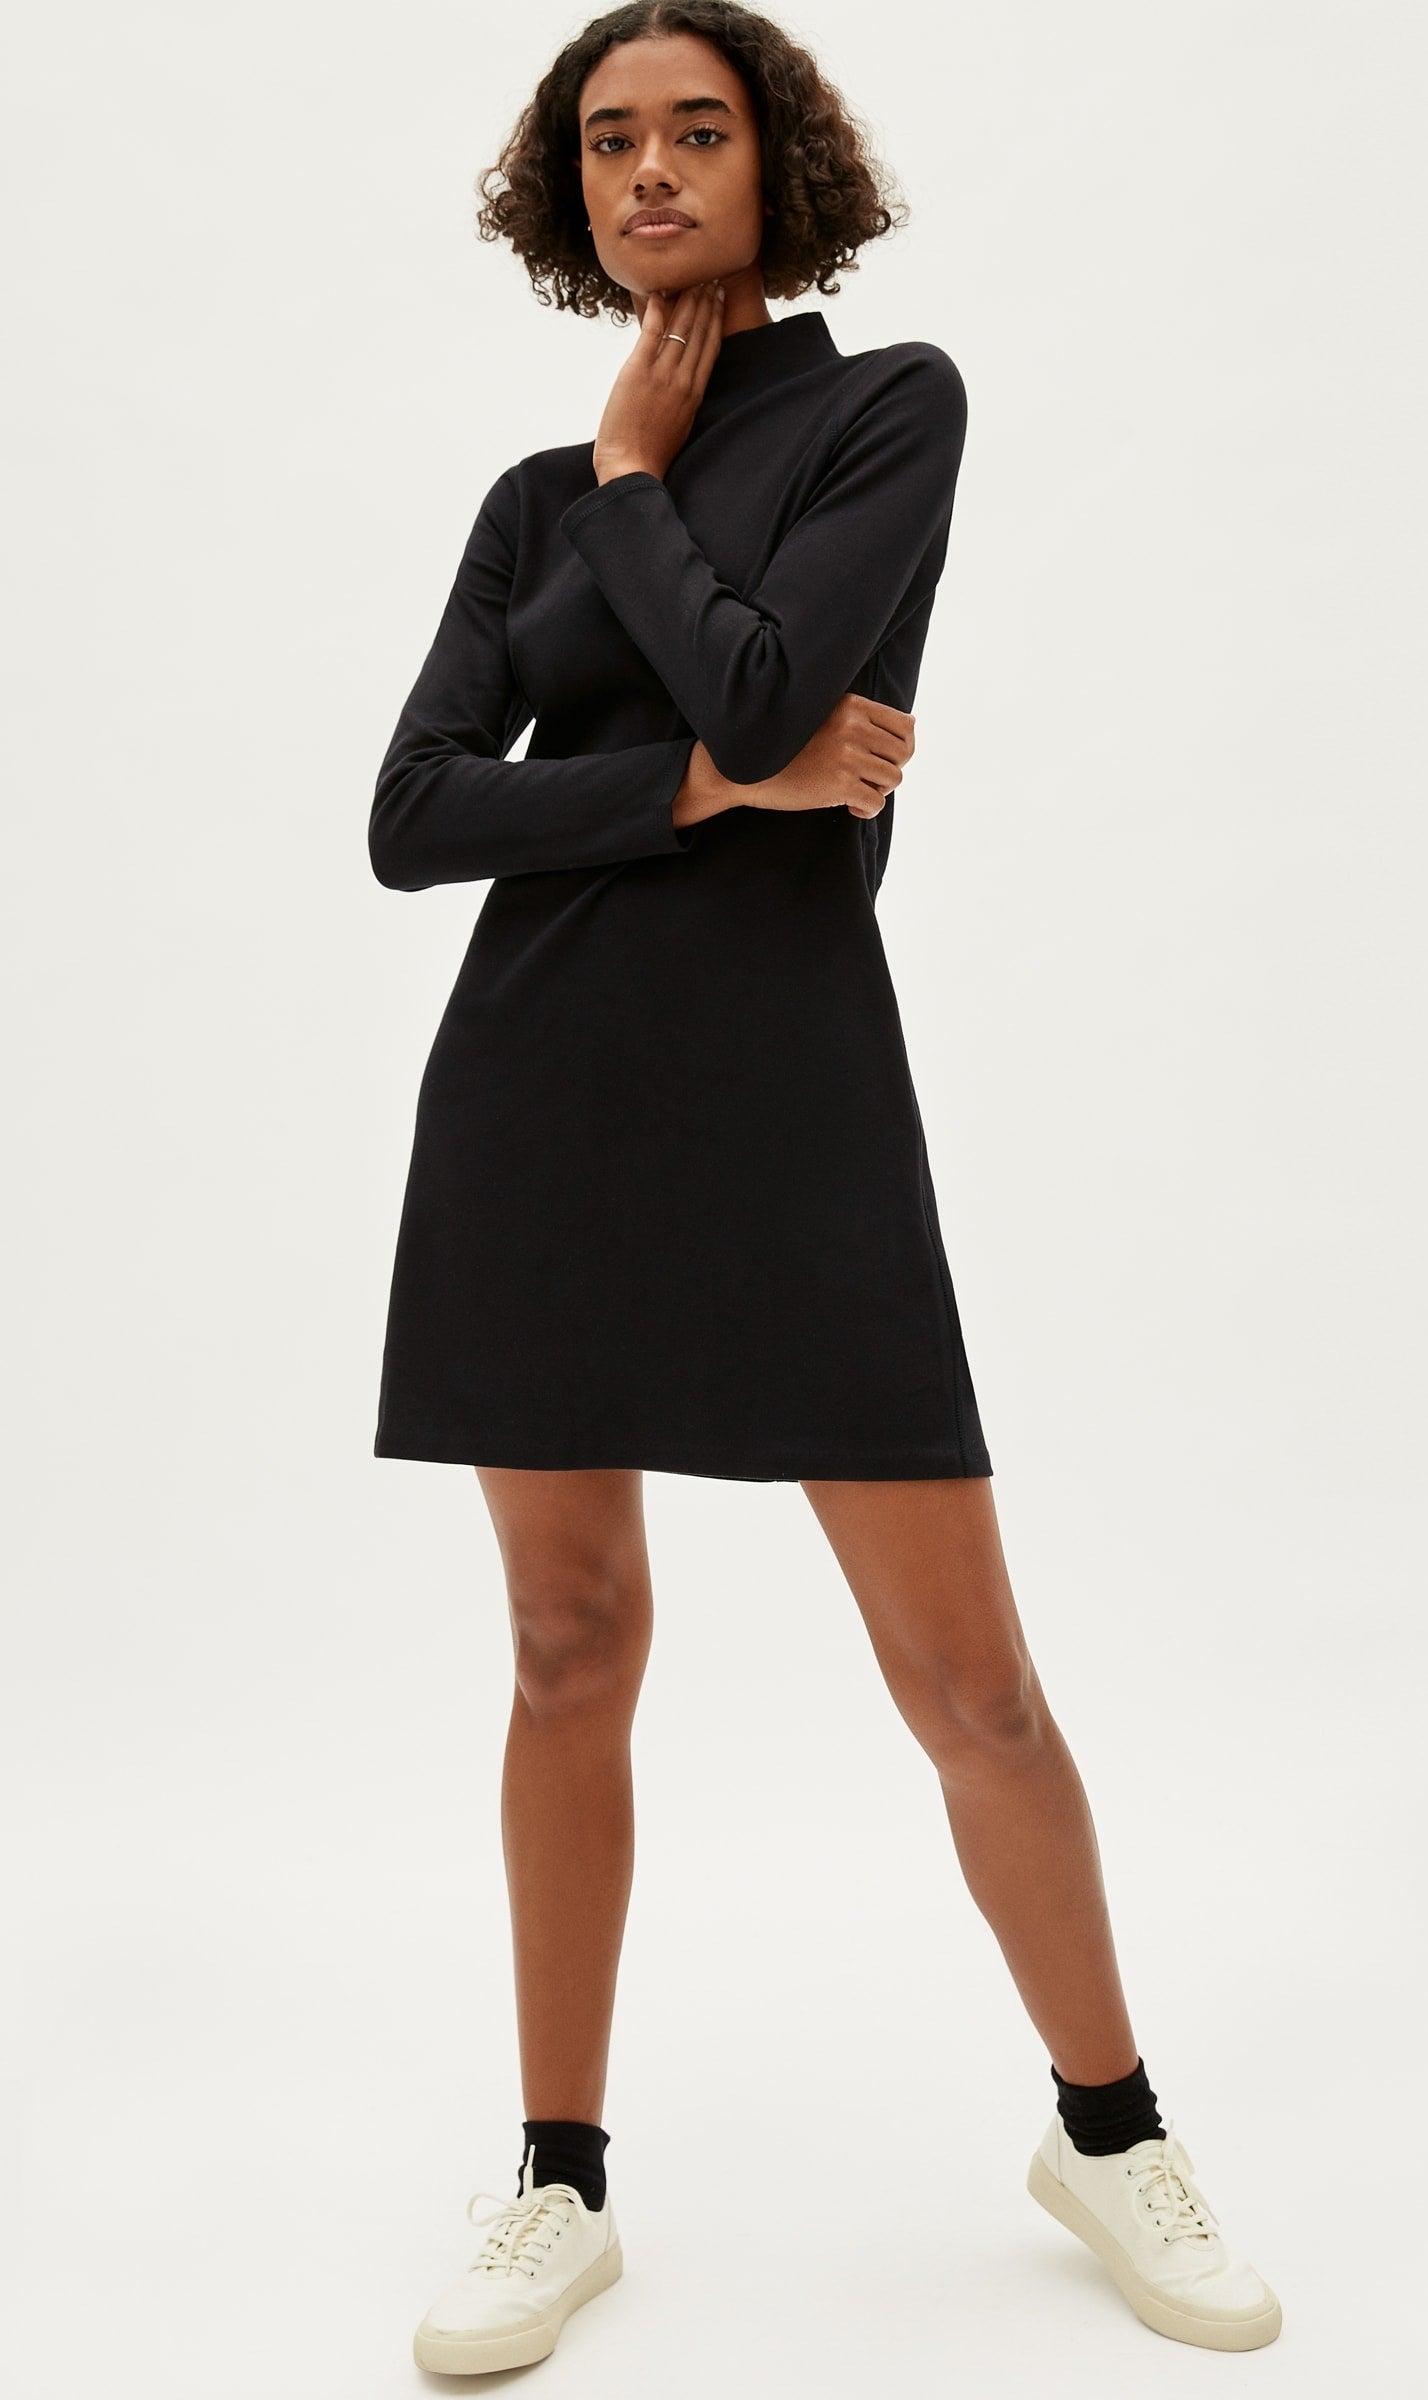 Model wearing black dress